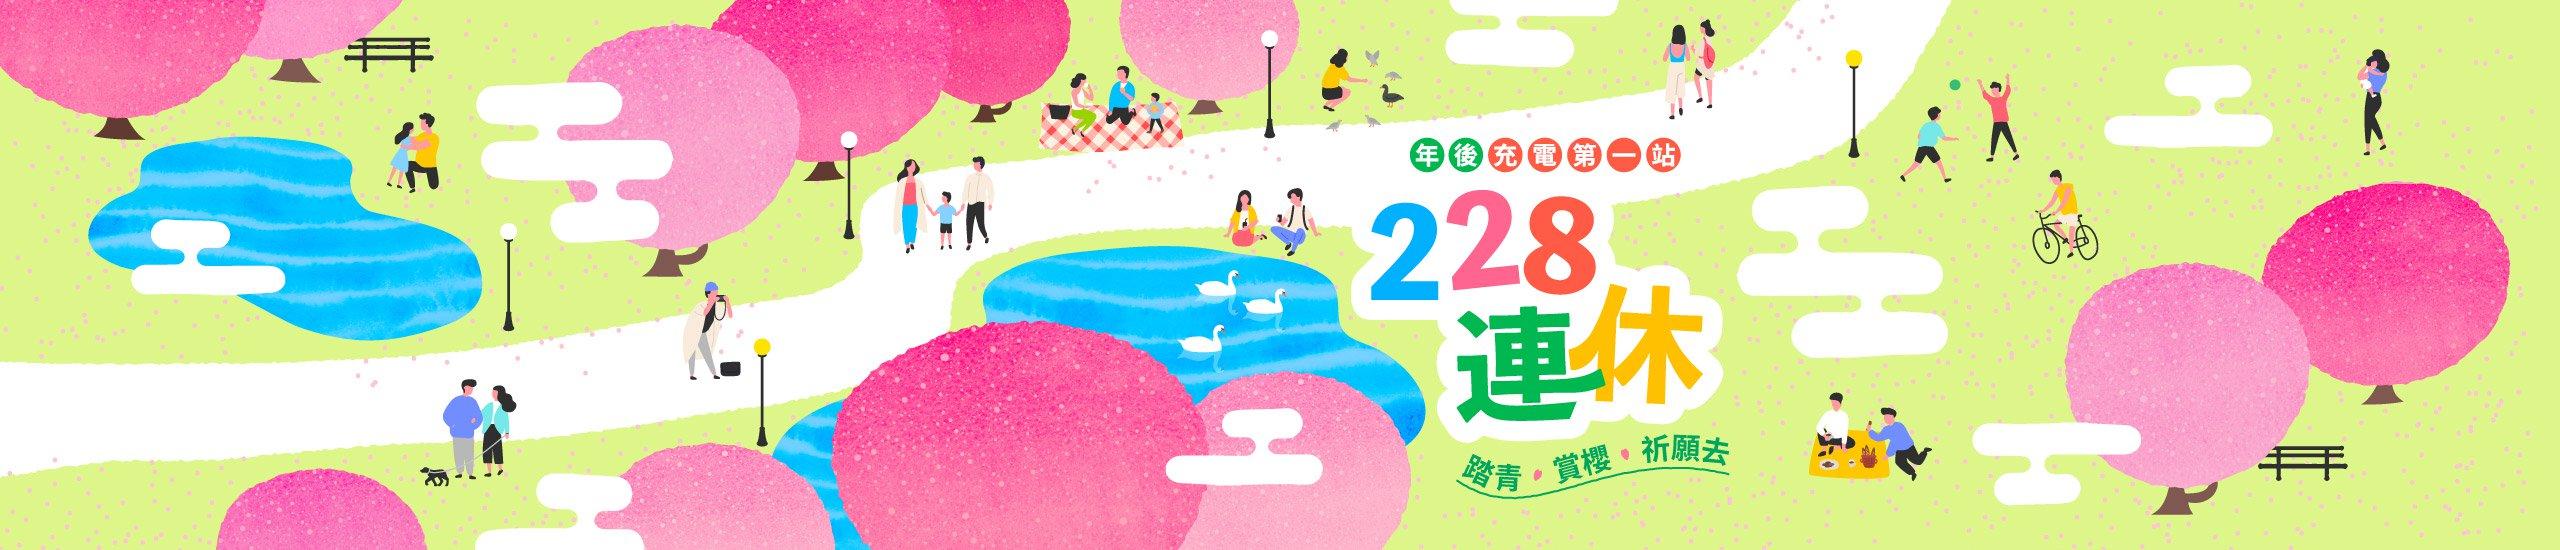 228連休